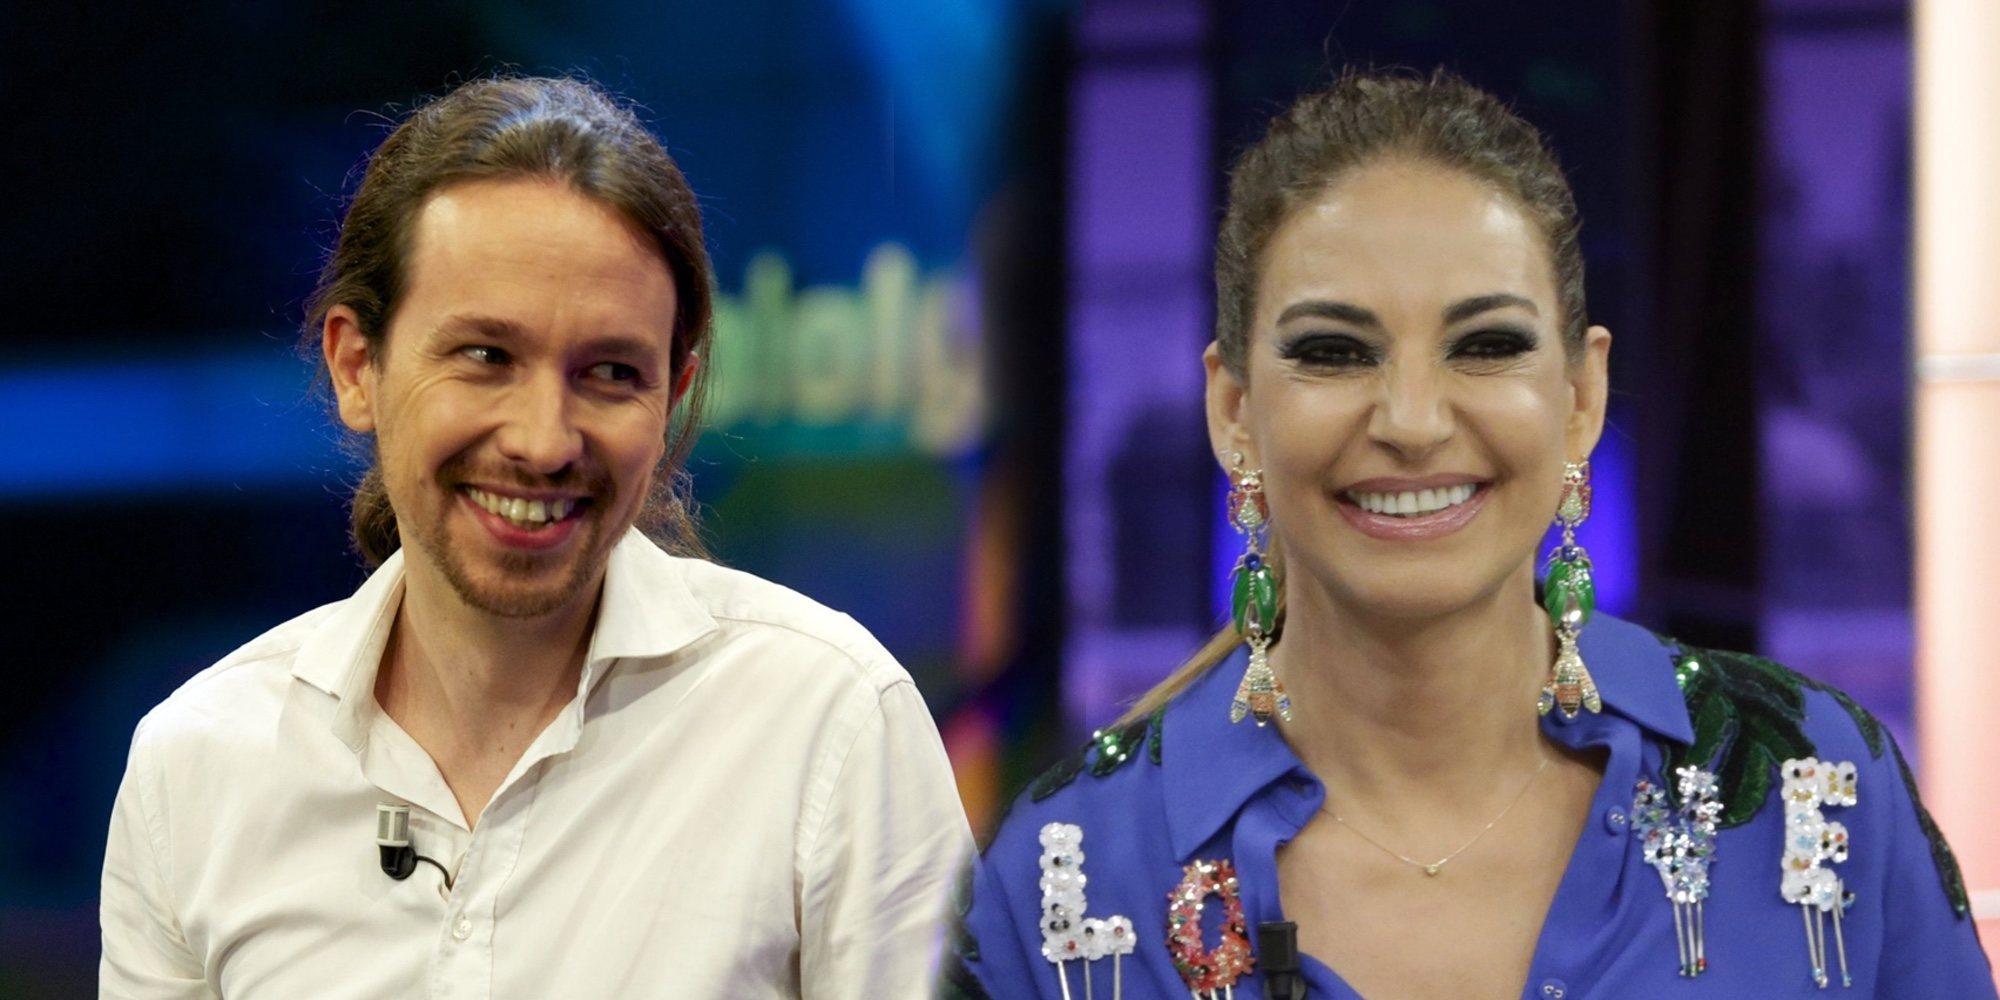 Pablo Iglesias pide disculpas a Mariló Montero por un comentario machista hecho en el pasado